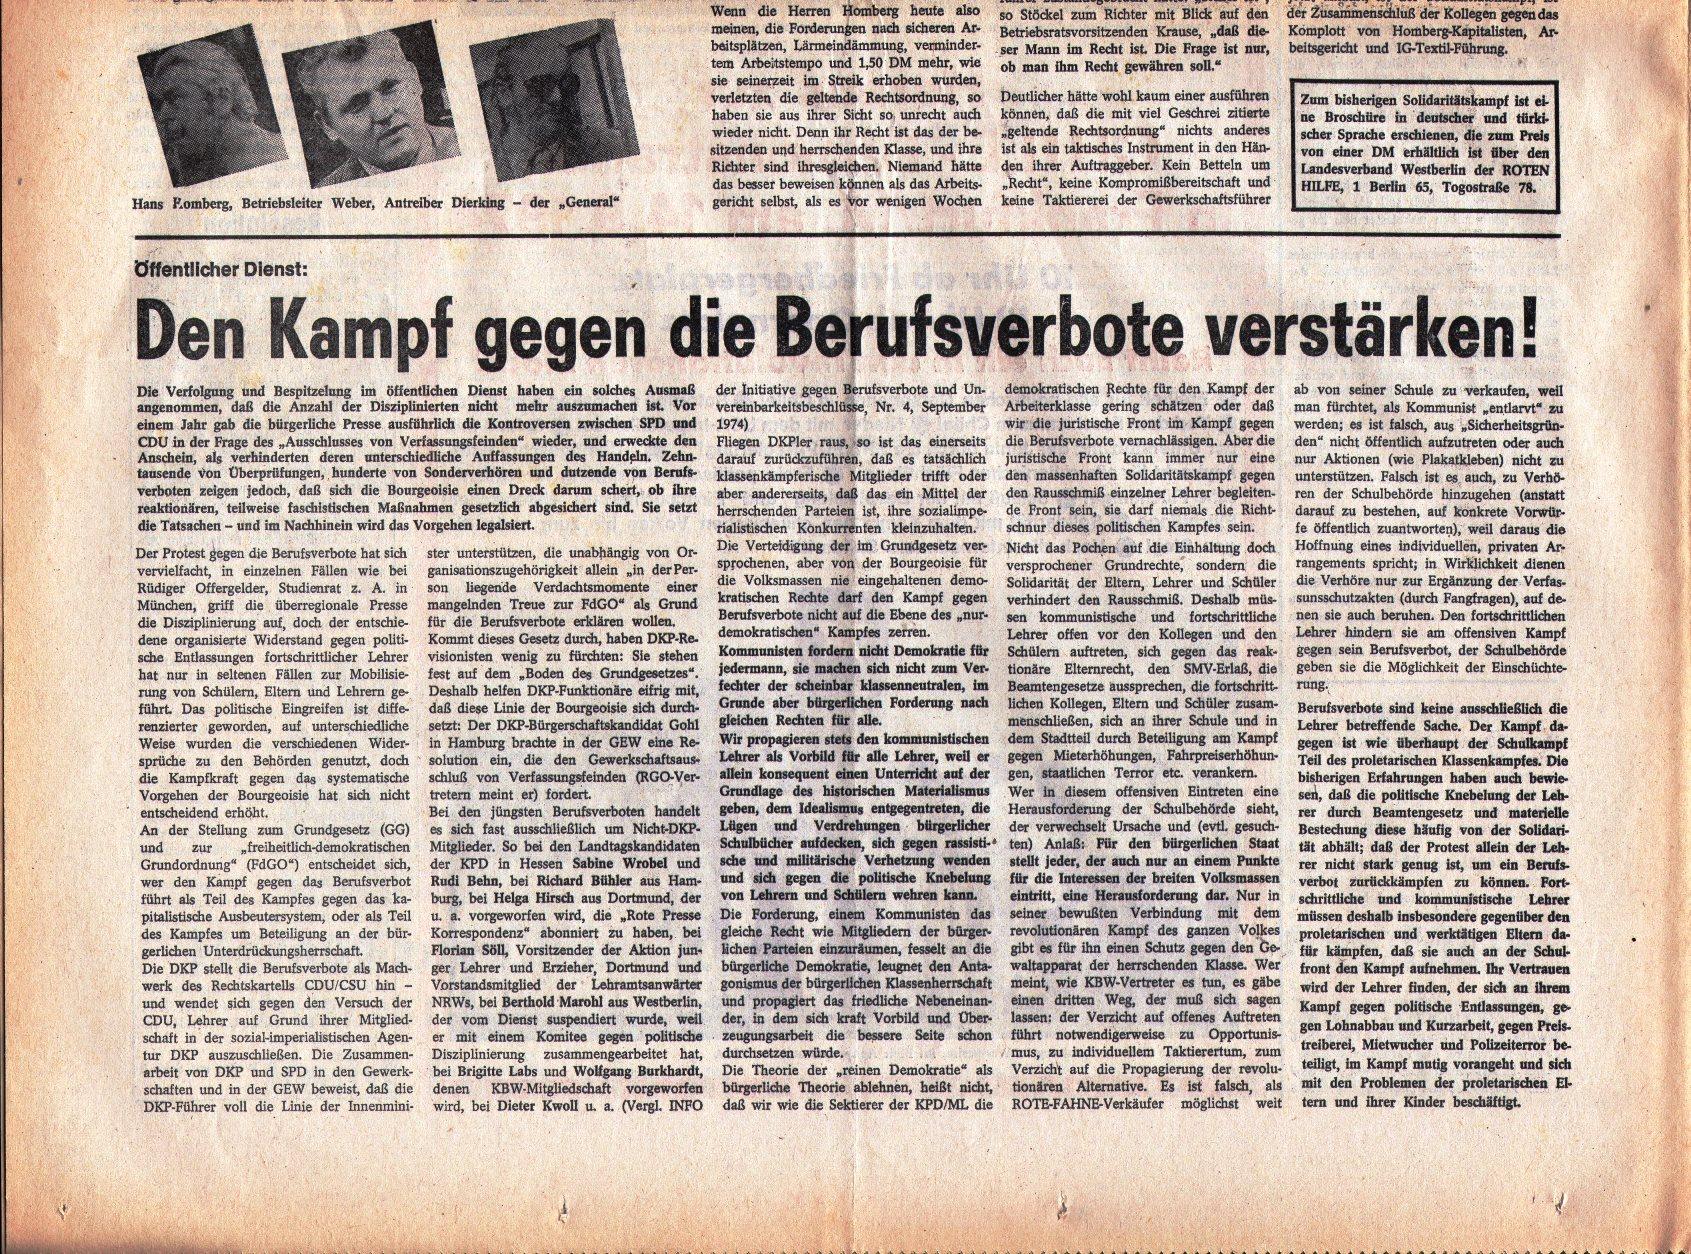 KPD_Rote_Fahne_1974_37_04